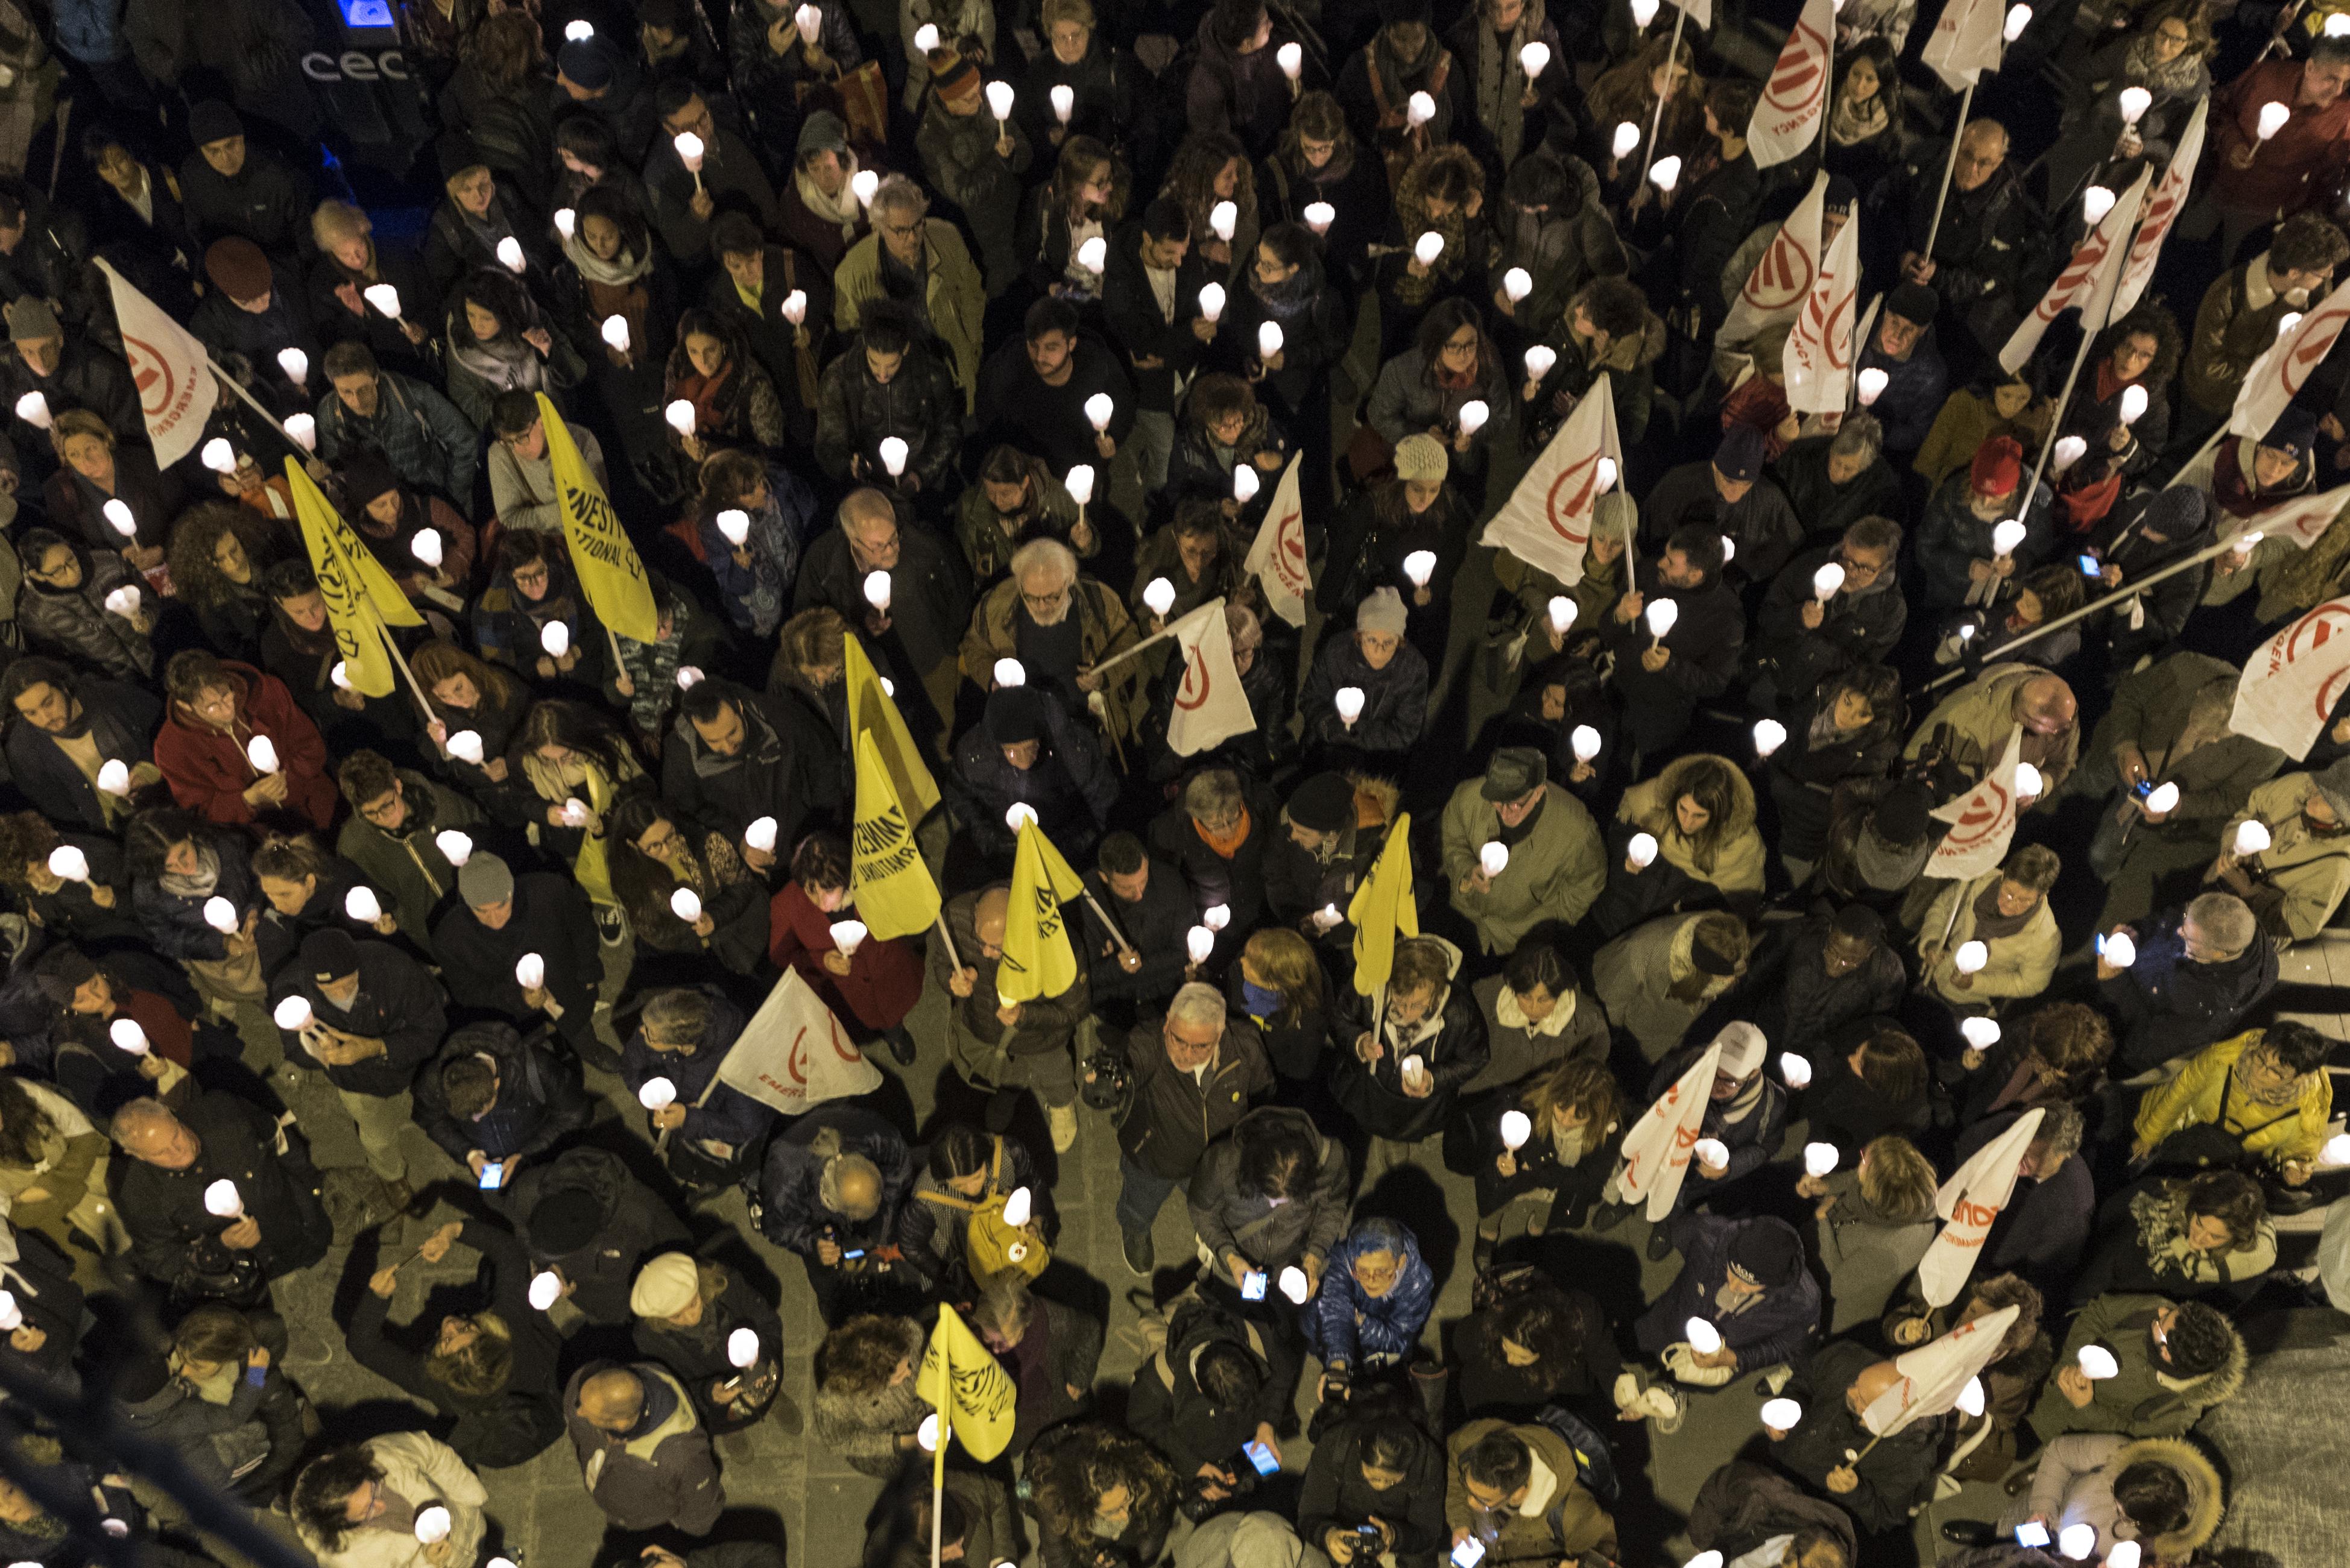 I partecipanti di una delle fiaccolate per Diritti a testa alta